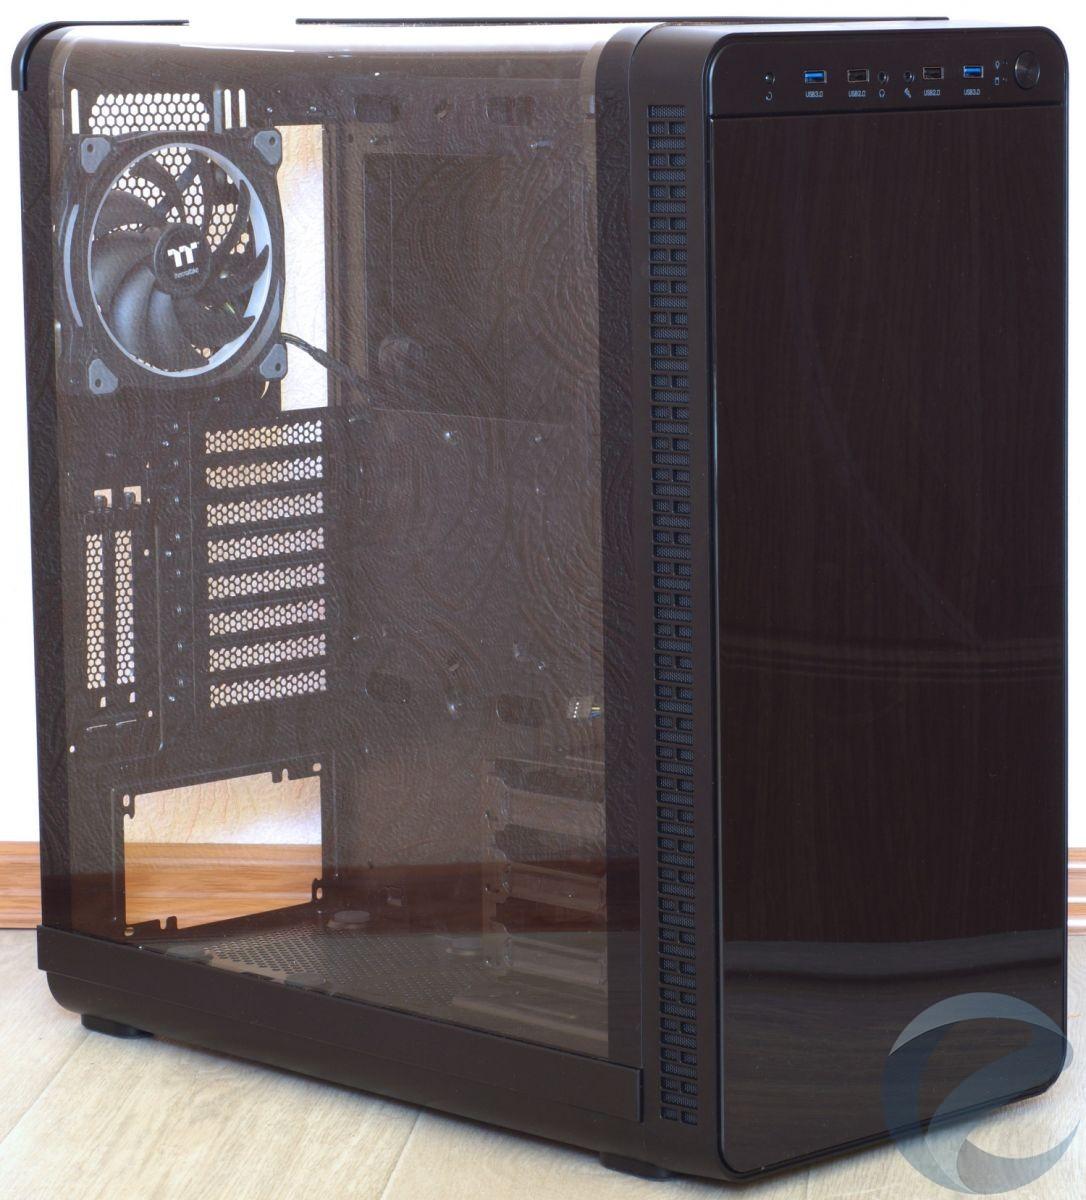 Внешний вид и организация Mid-Tower корпуса Thermaltake View 37 RGB Edition